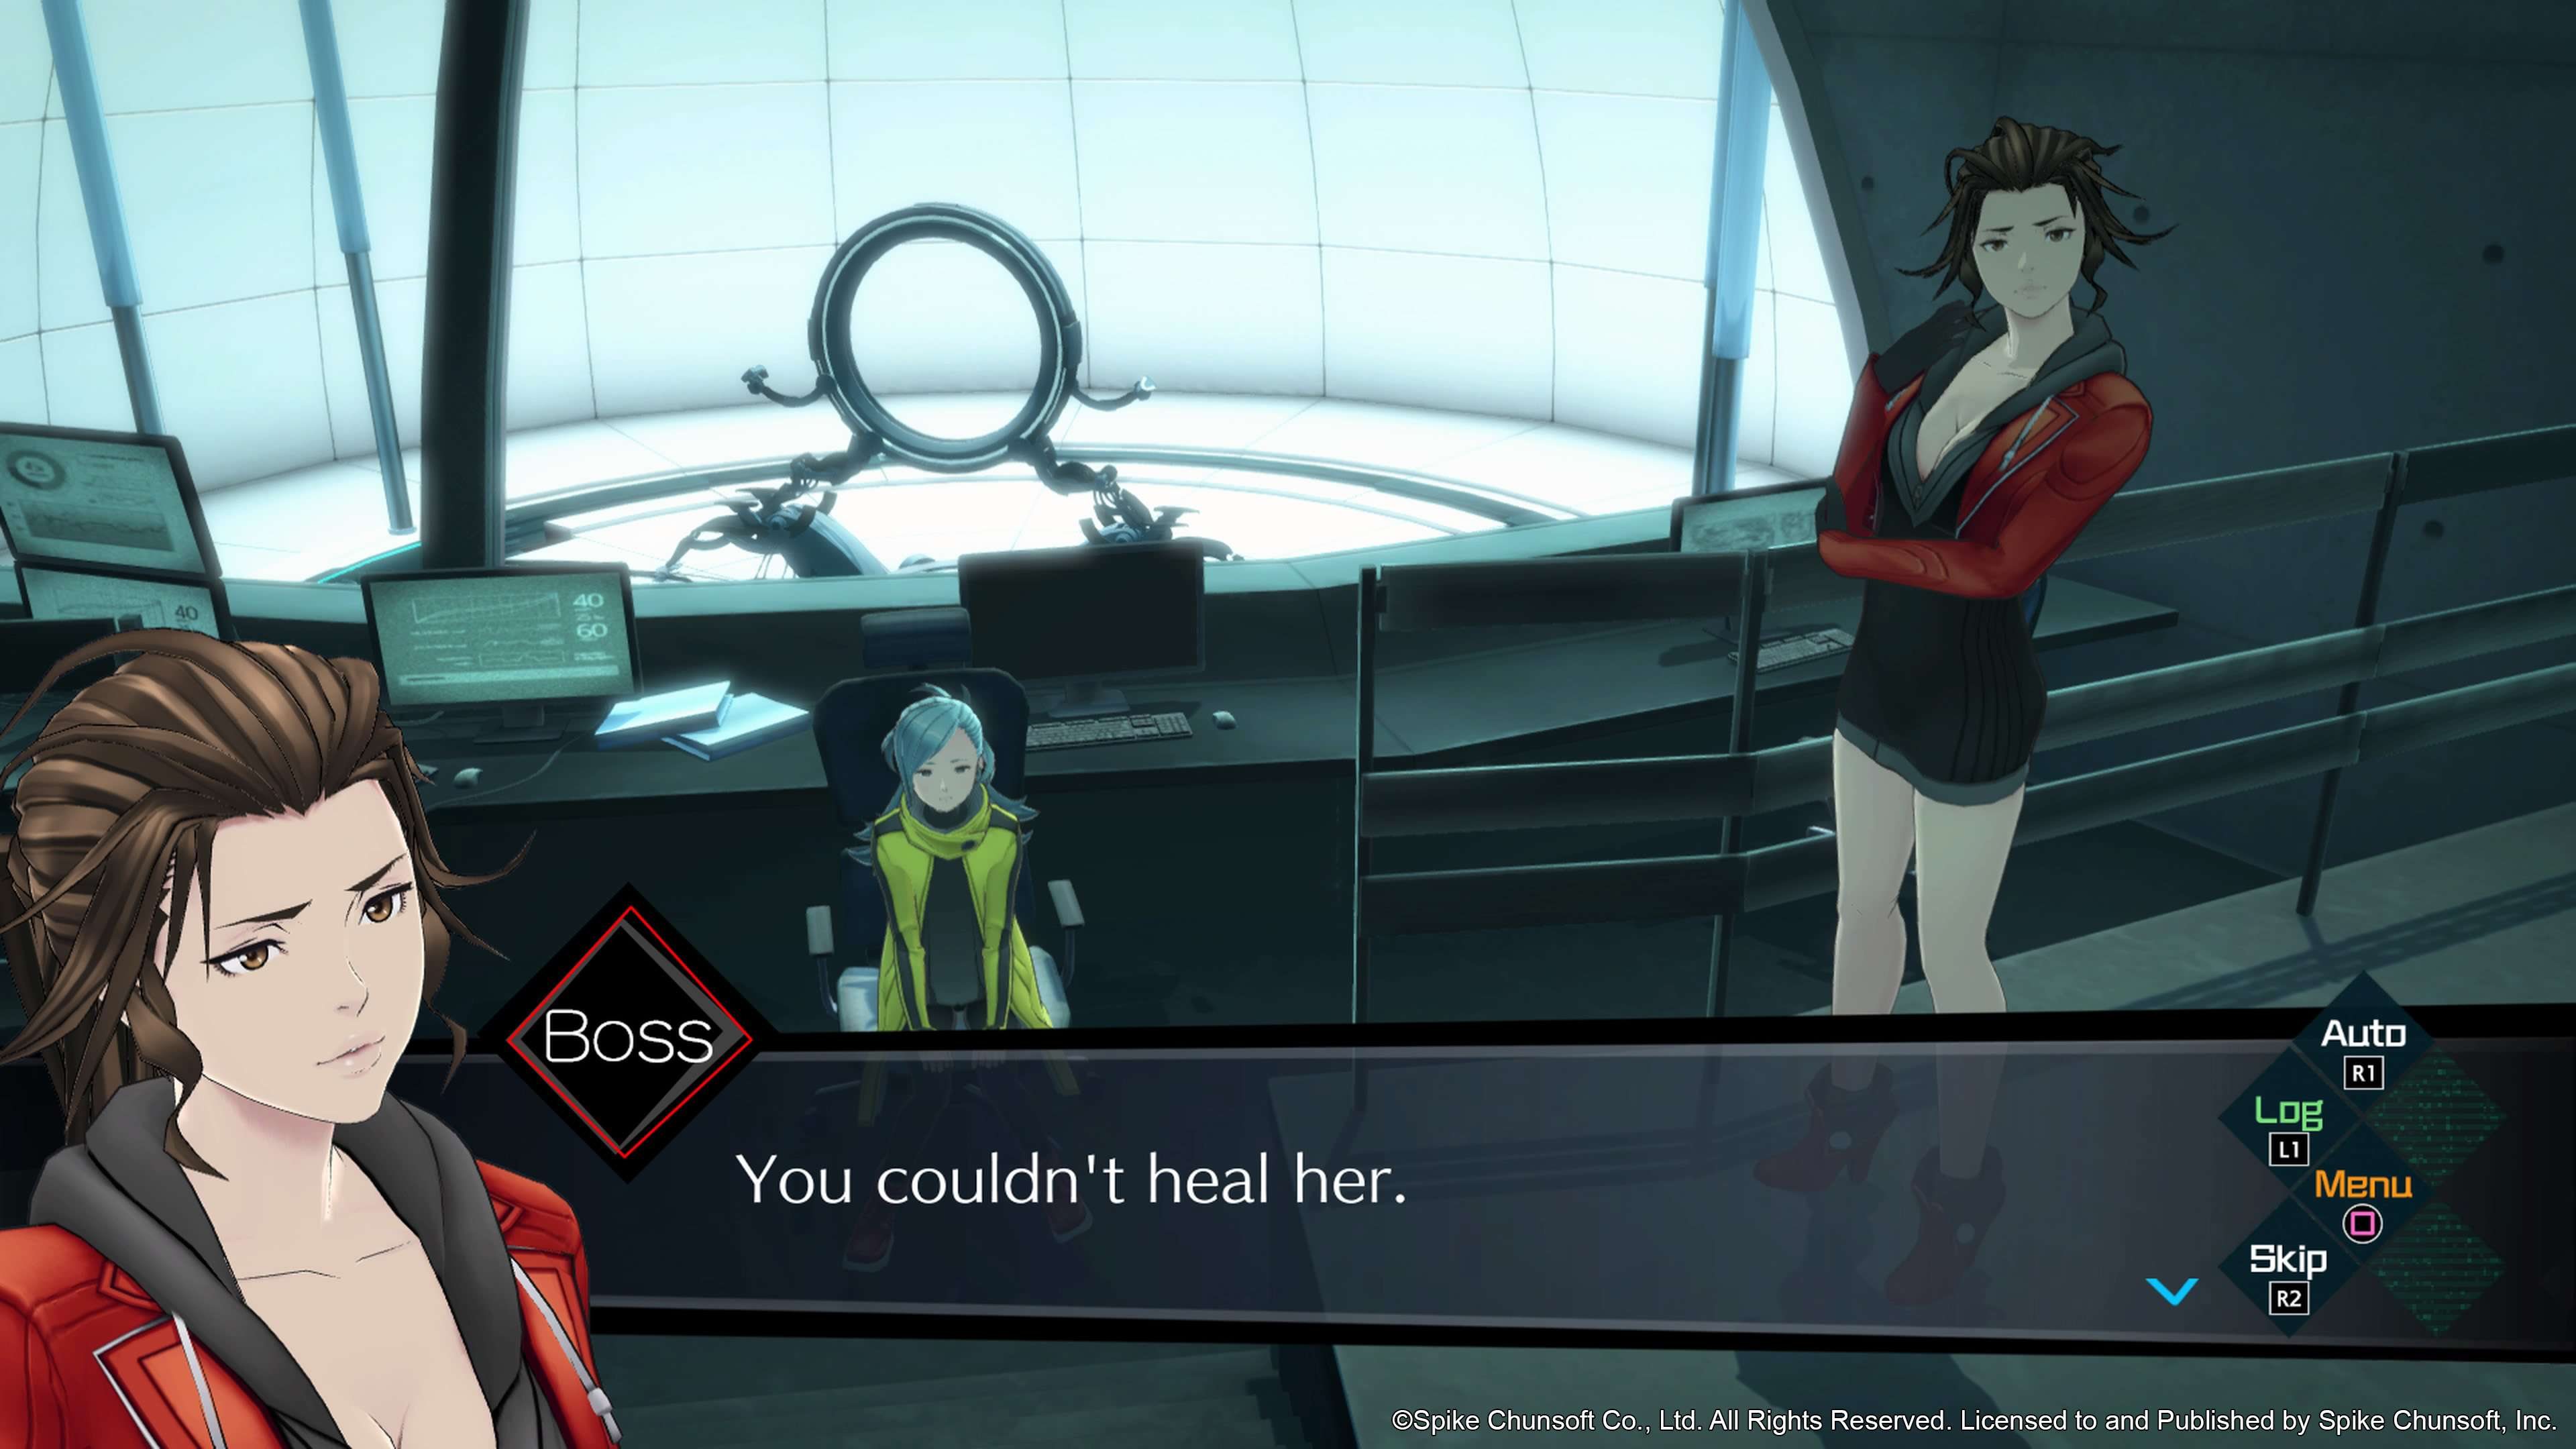 打越钢太郎新作《AI:梦境档案》新截图展示游戏界面